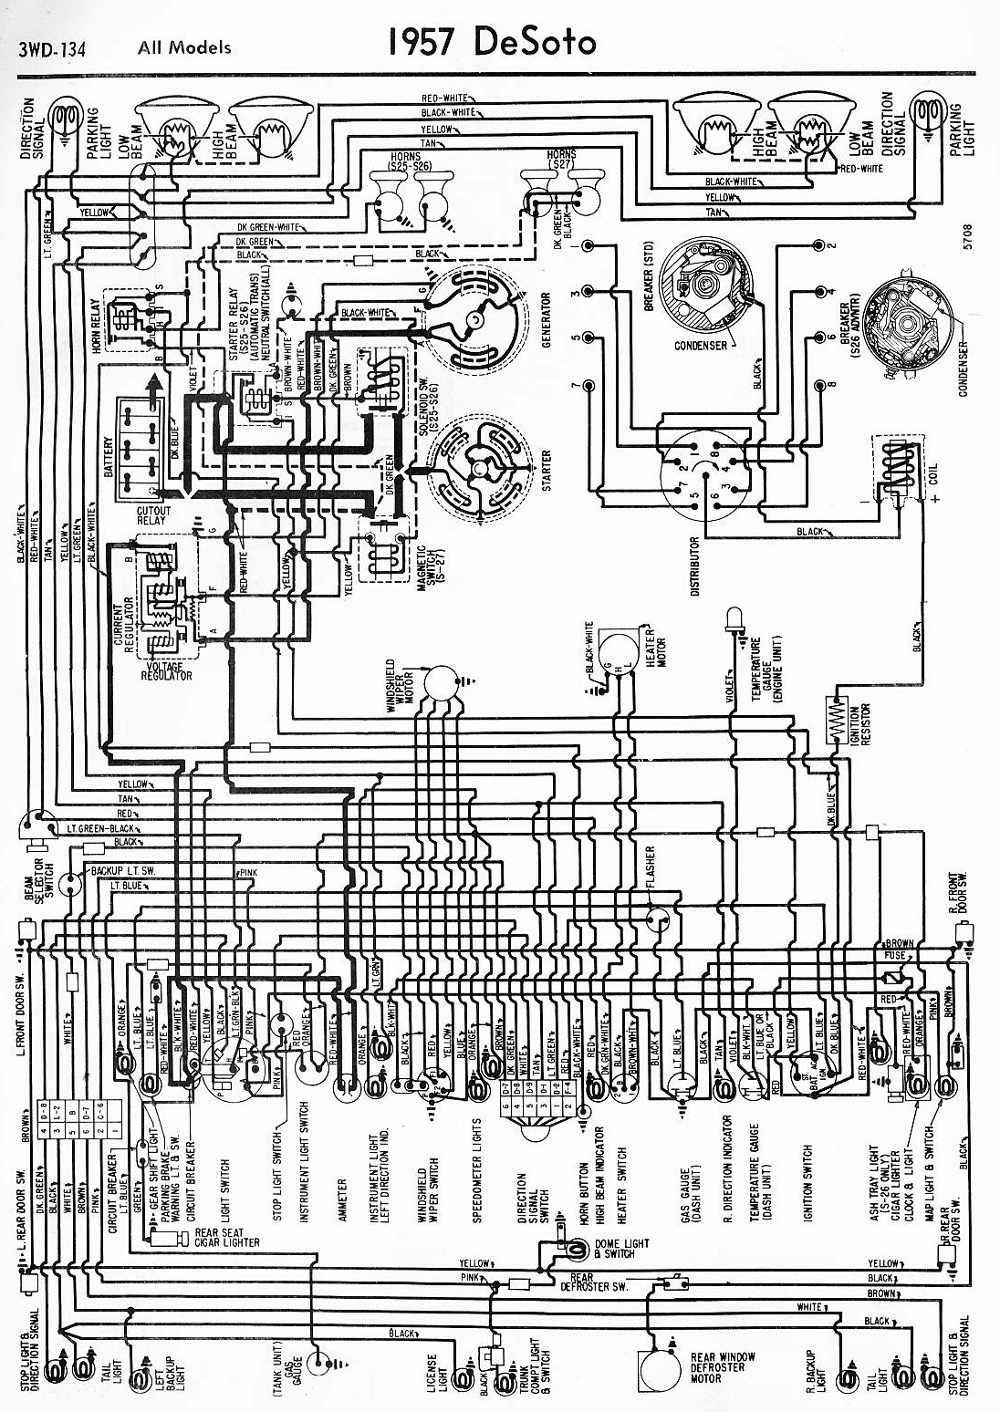 1949 Chrysler Wiring Diagram Electrical Diagrams 1950 Dodge Desoto For Circuit U2022 Ram 2500